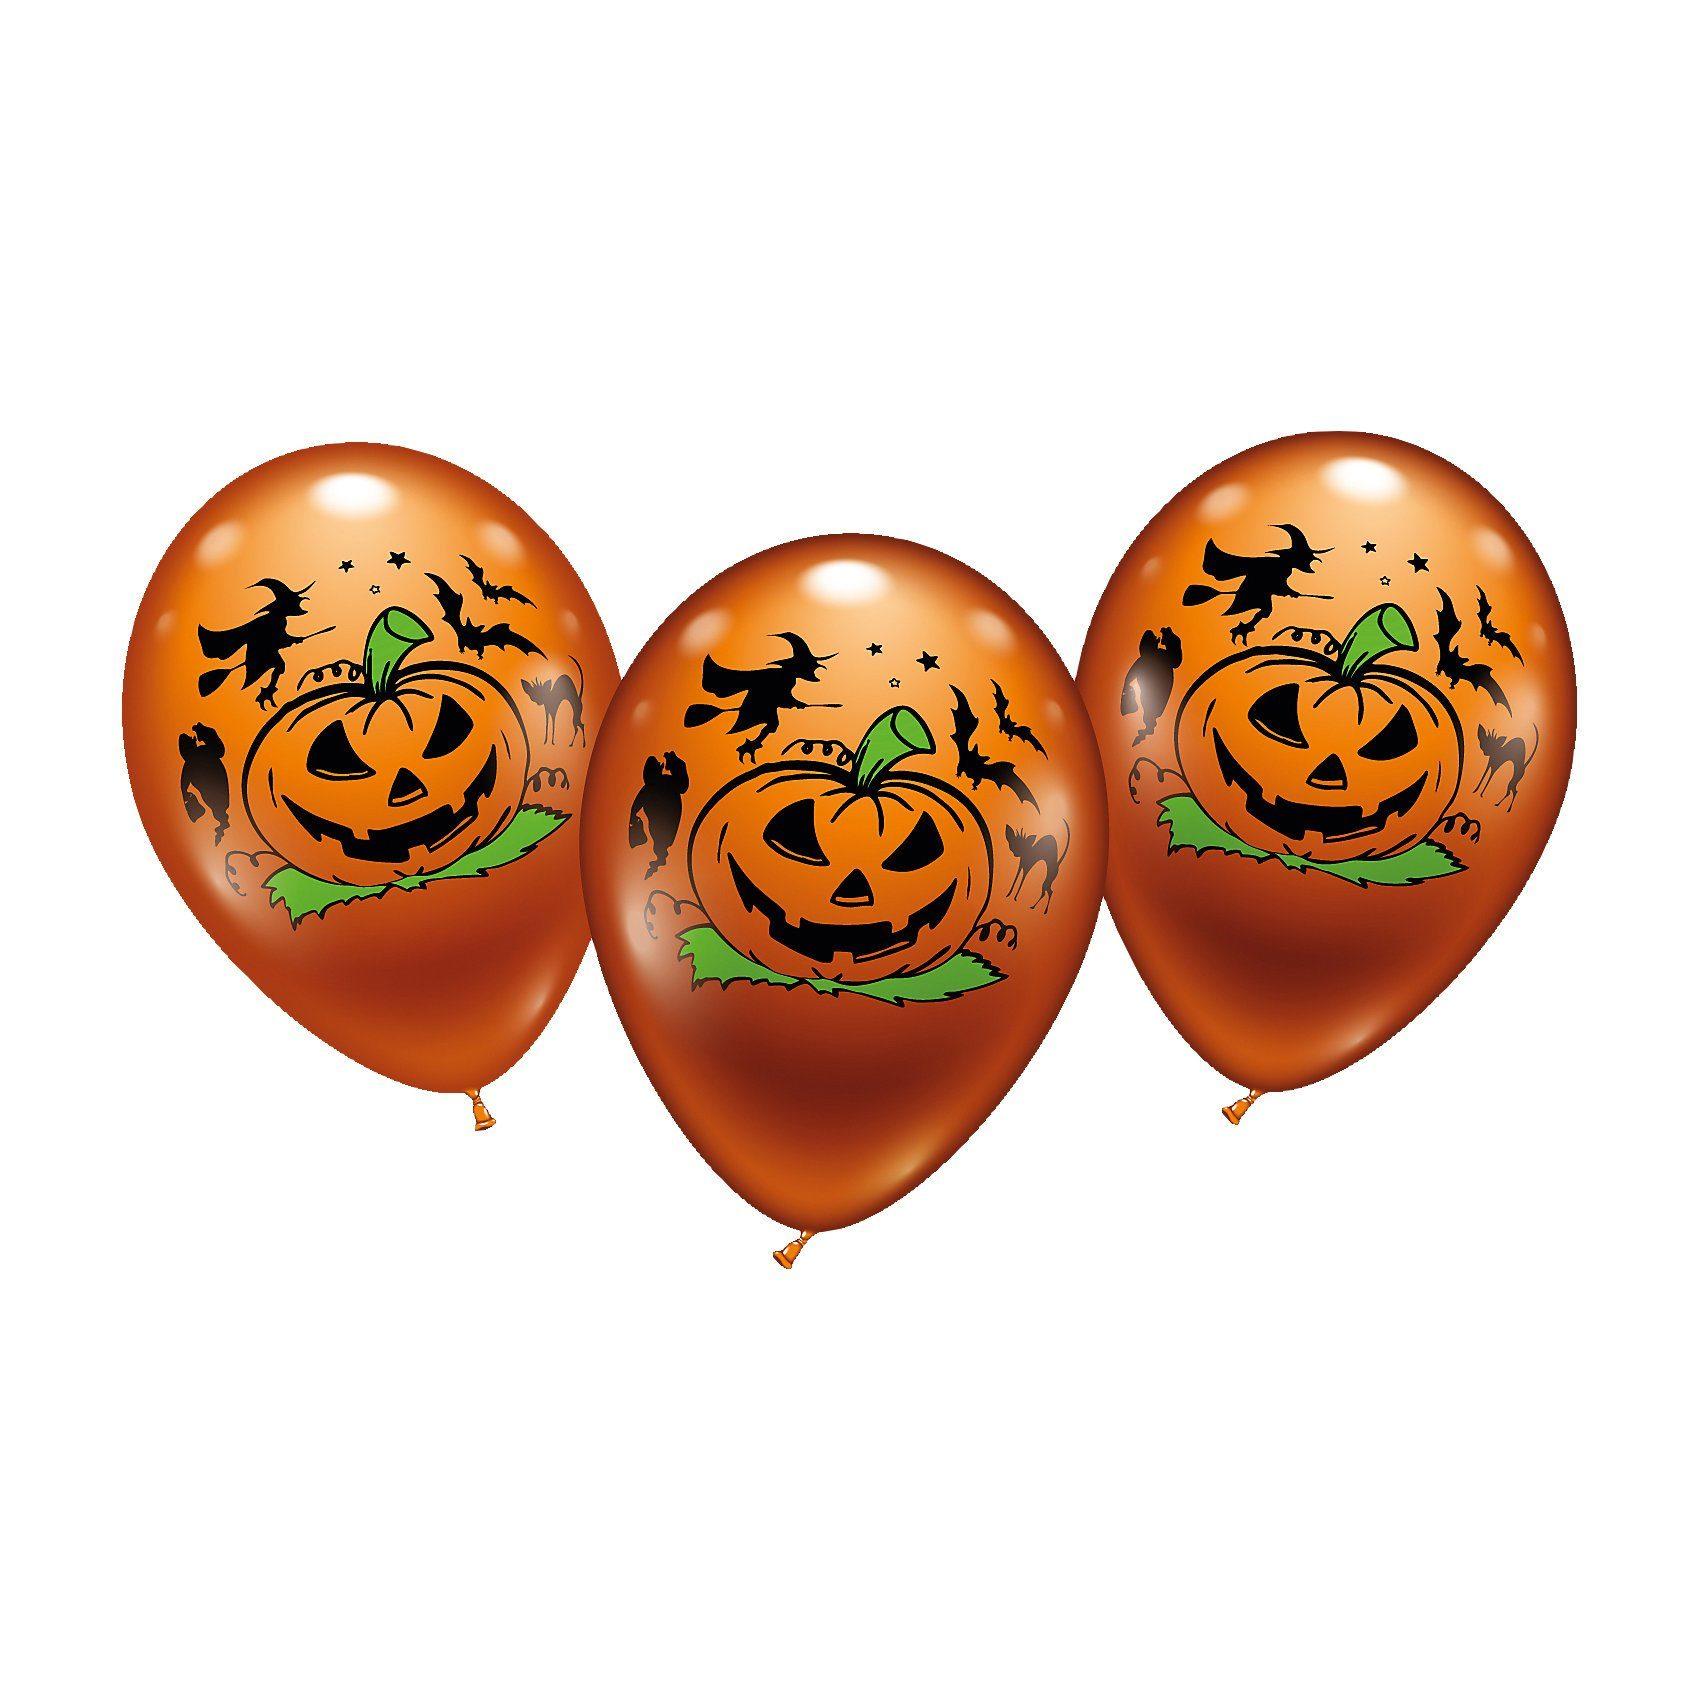 Karaloon Luftballons Halloween, 6 Stück